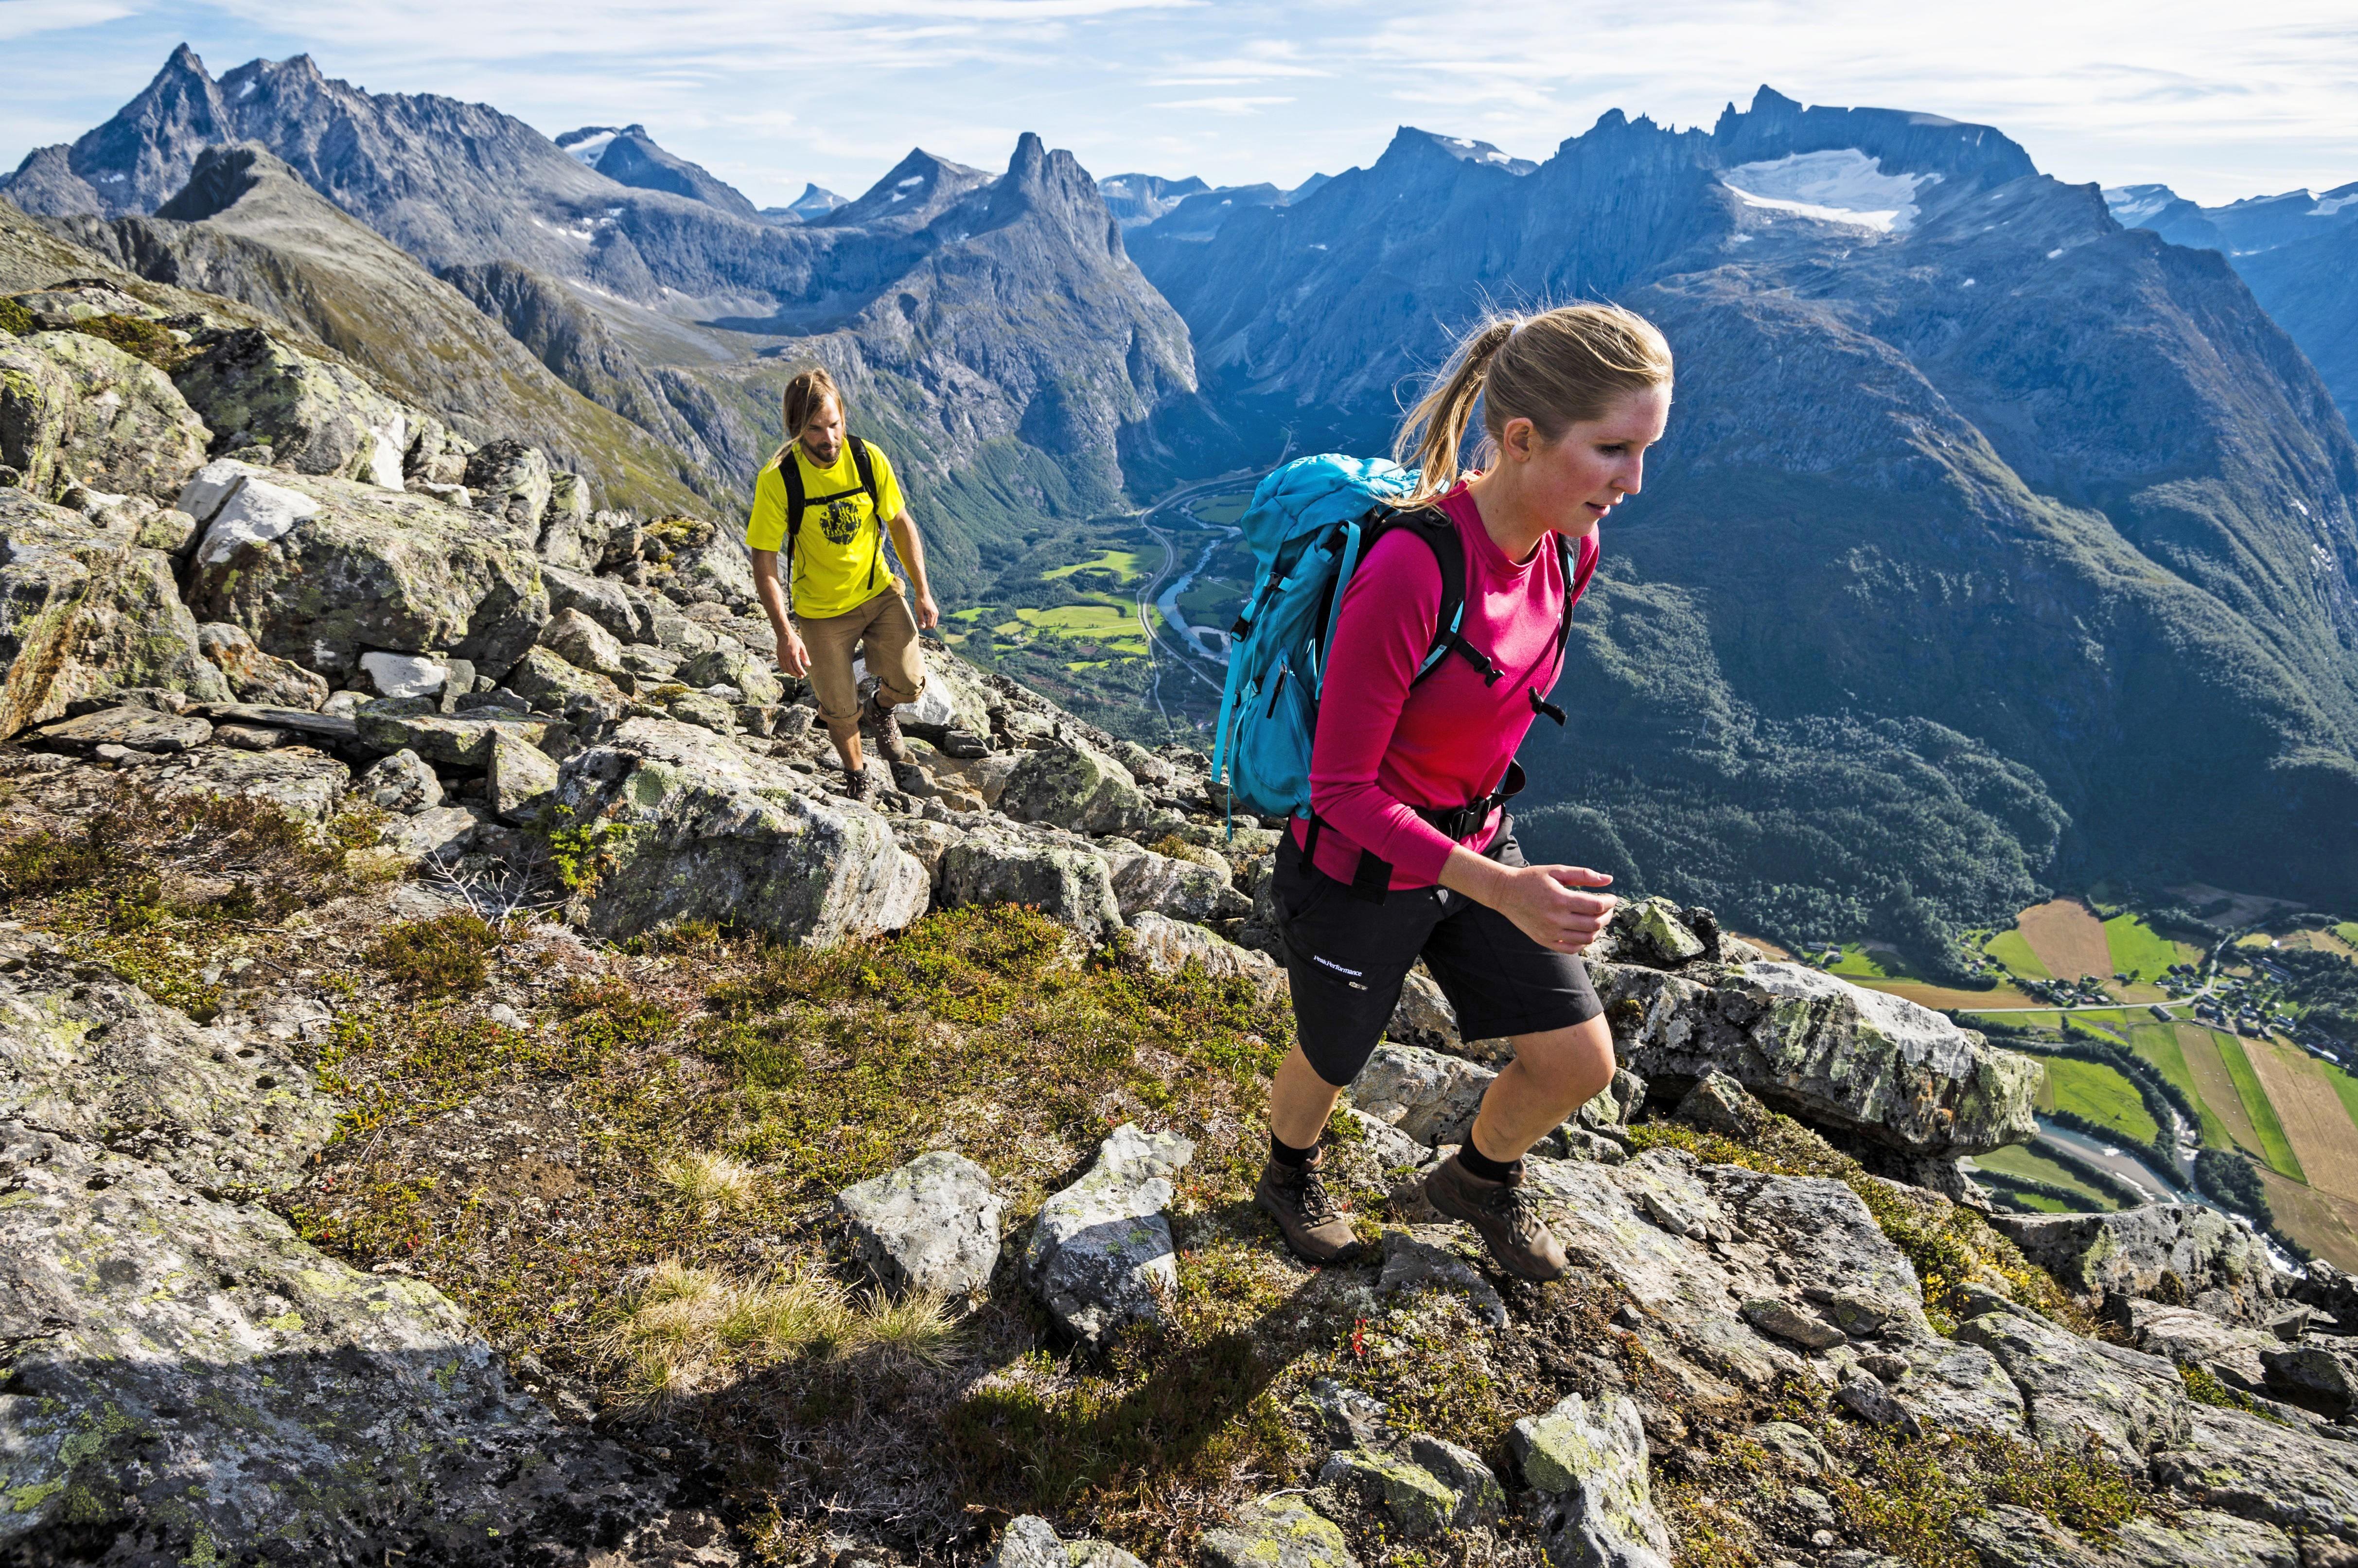 ROMSDALSEGGEN: Elle Cochrane og Johan Jonsson på tur over Romsdalseggen. Høyde: 1320 moh.